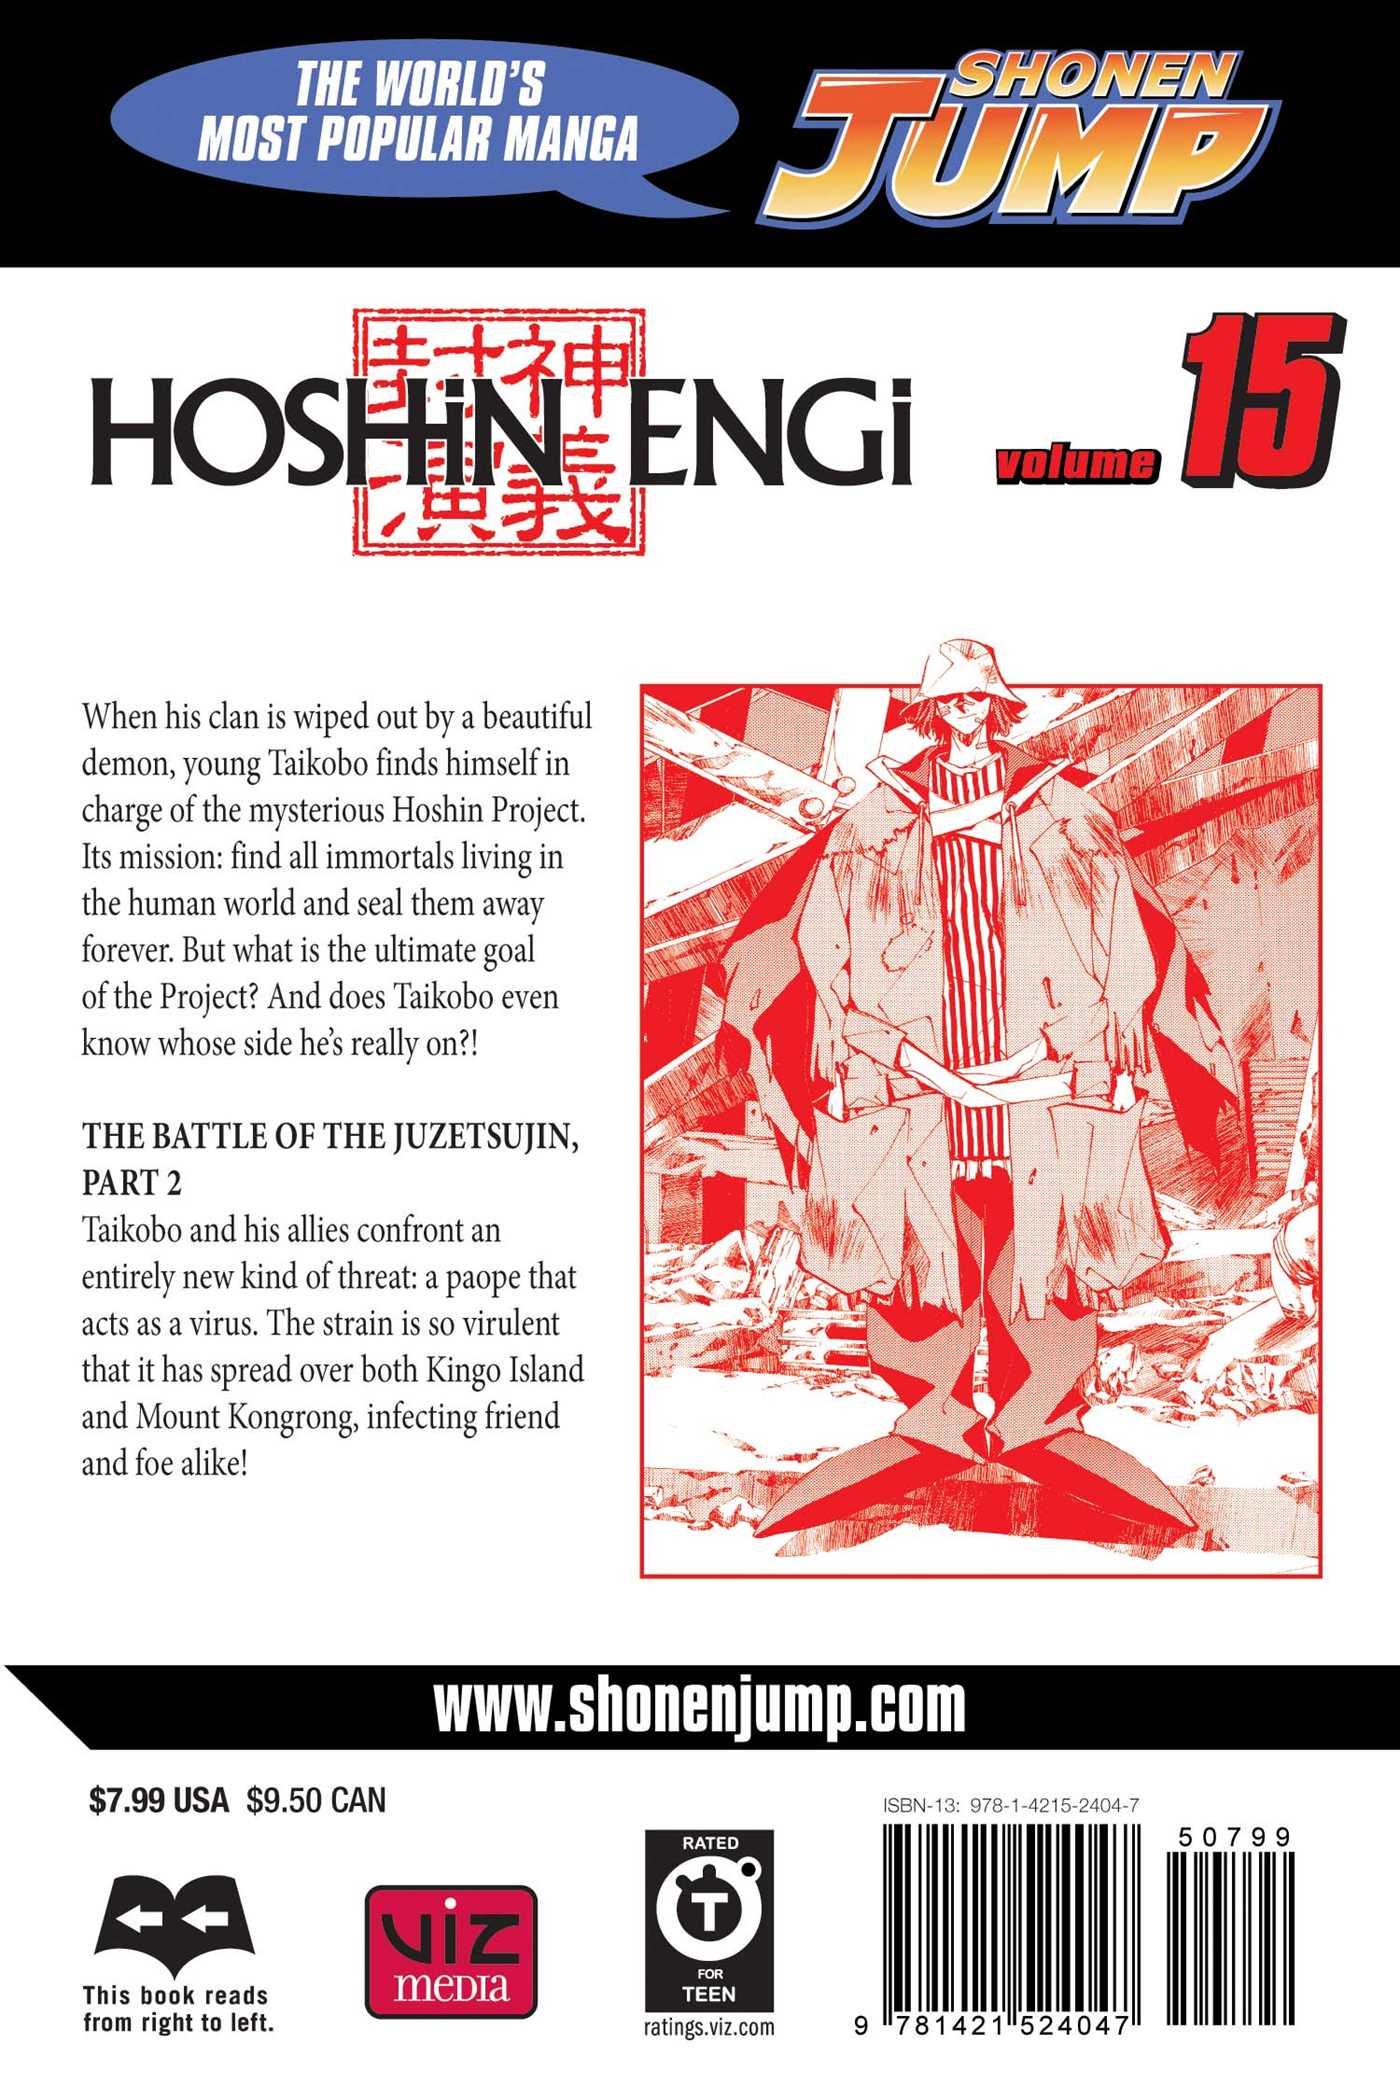 Hoshin engi vol 15 9781421524047 hr back